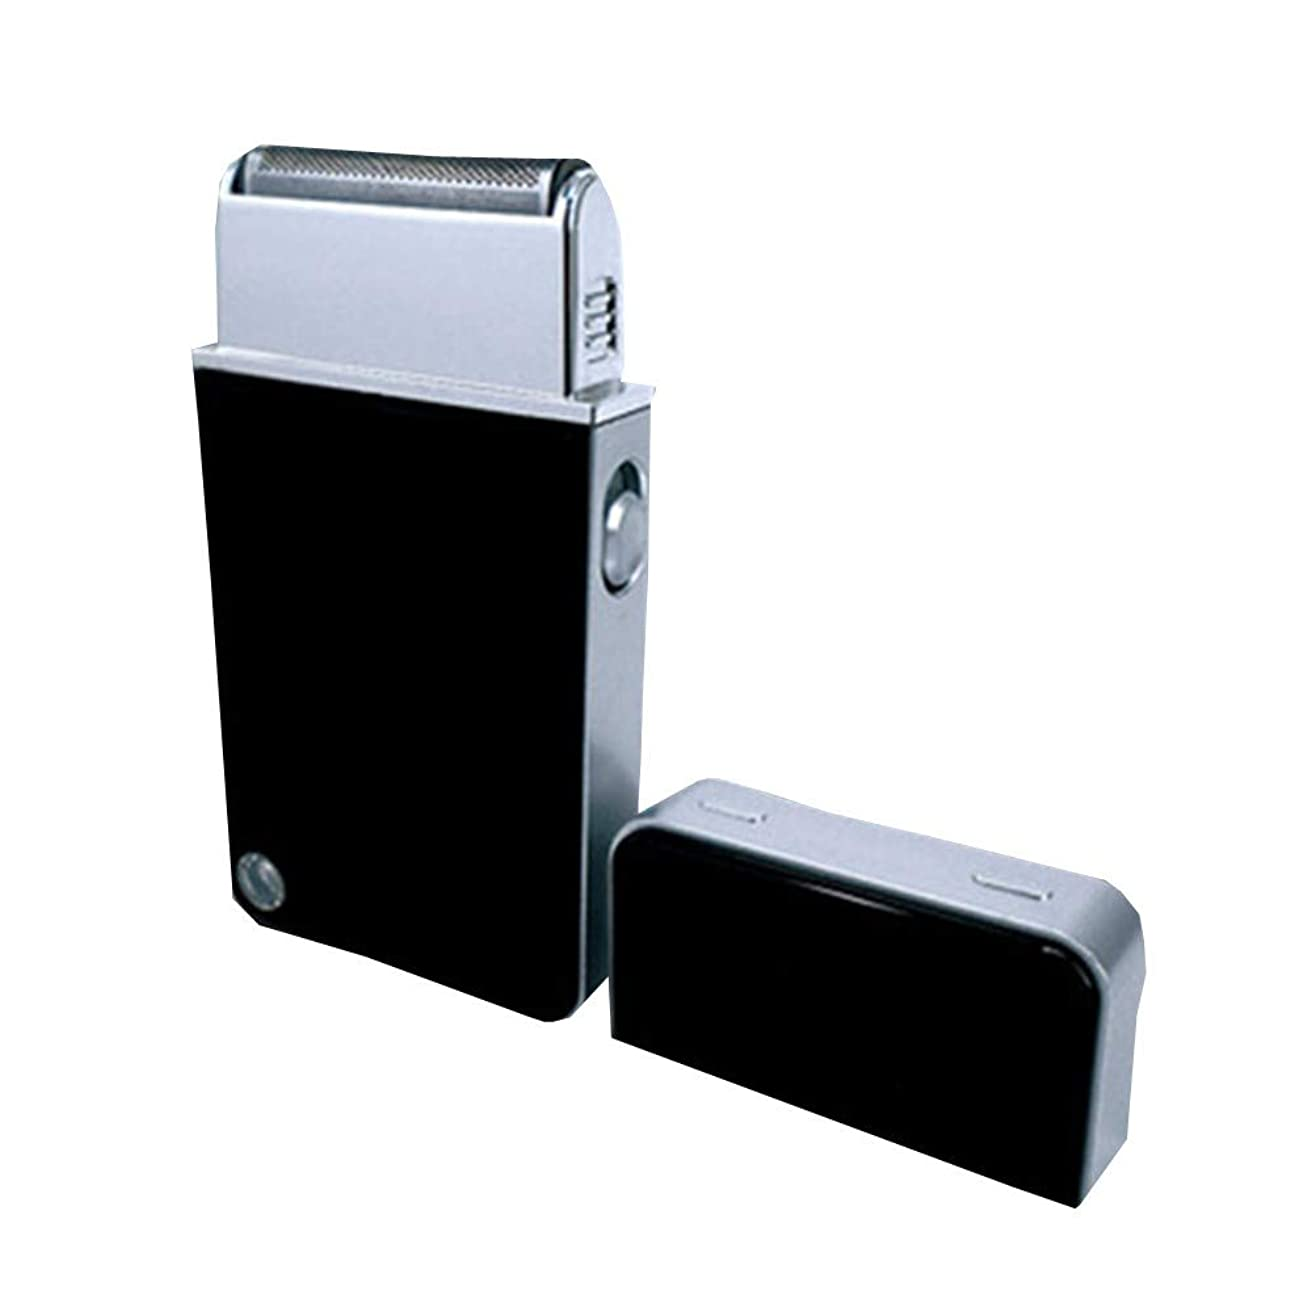 記念預言者体細胞髭剃り シェーバー メンズ USB充電式 コンパクト 旅行用